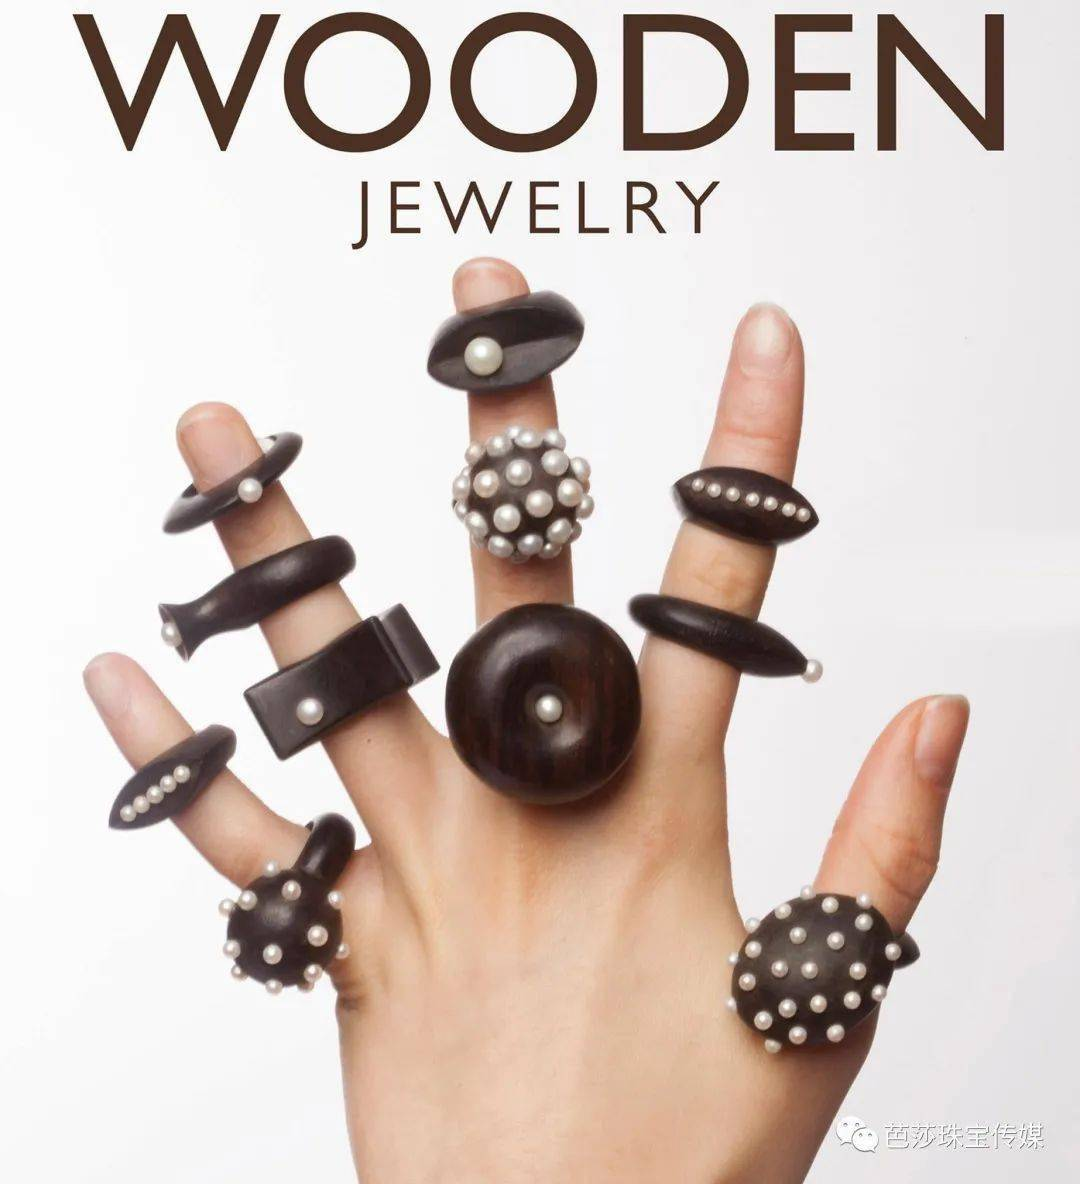 """平平无奇木头做的珠宝,其实是你意想不到的""""王炸""""款!"""